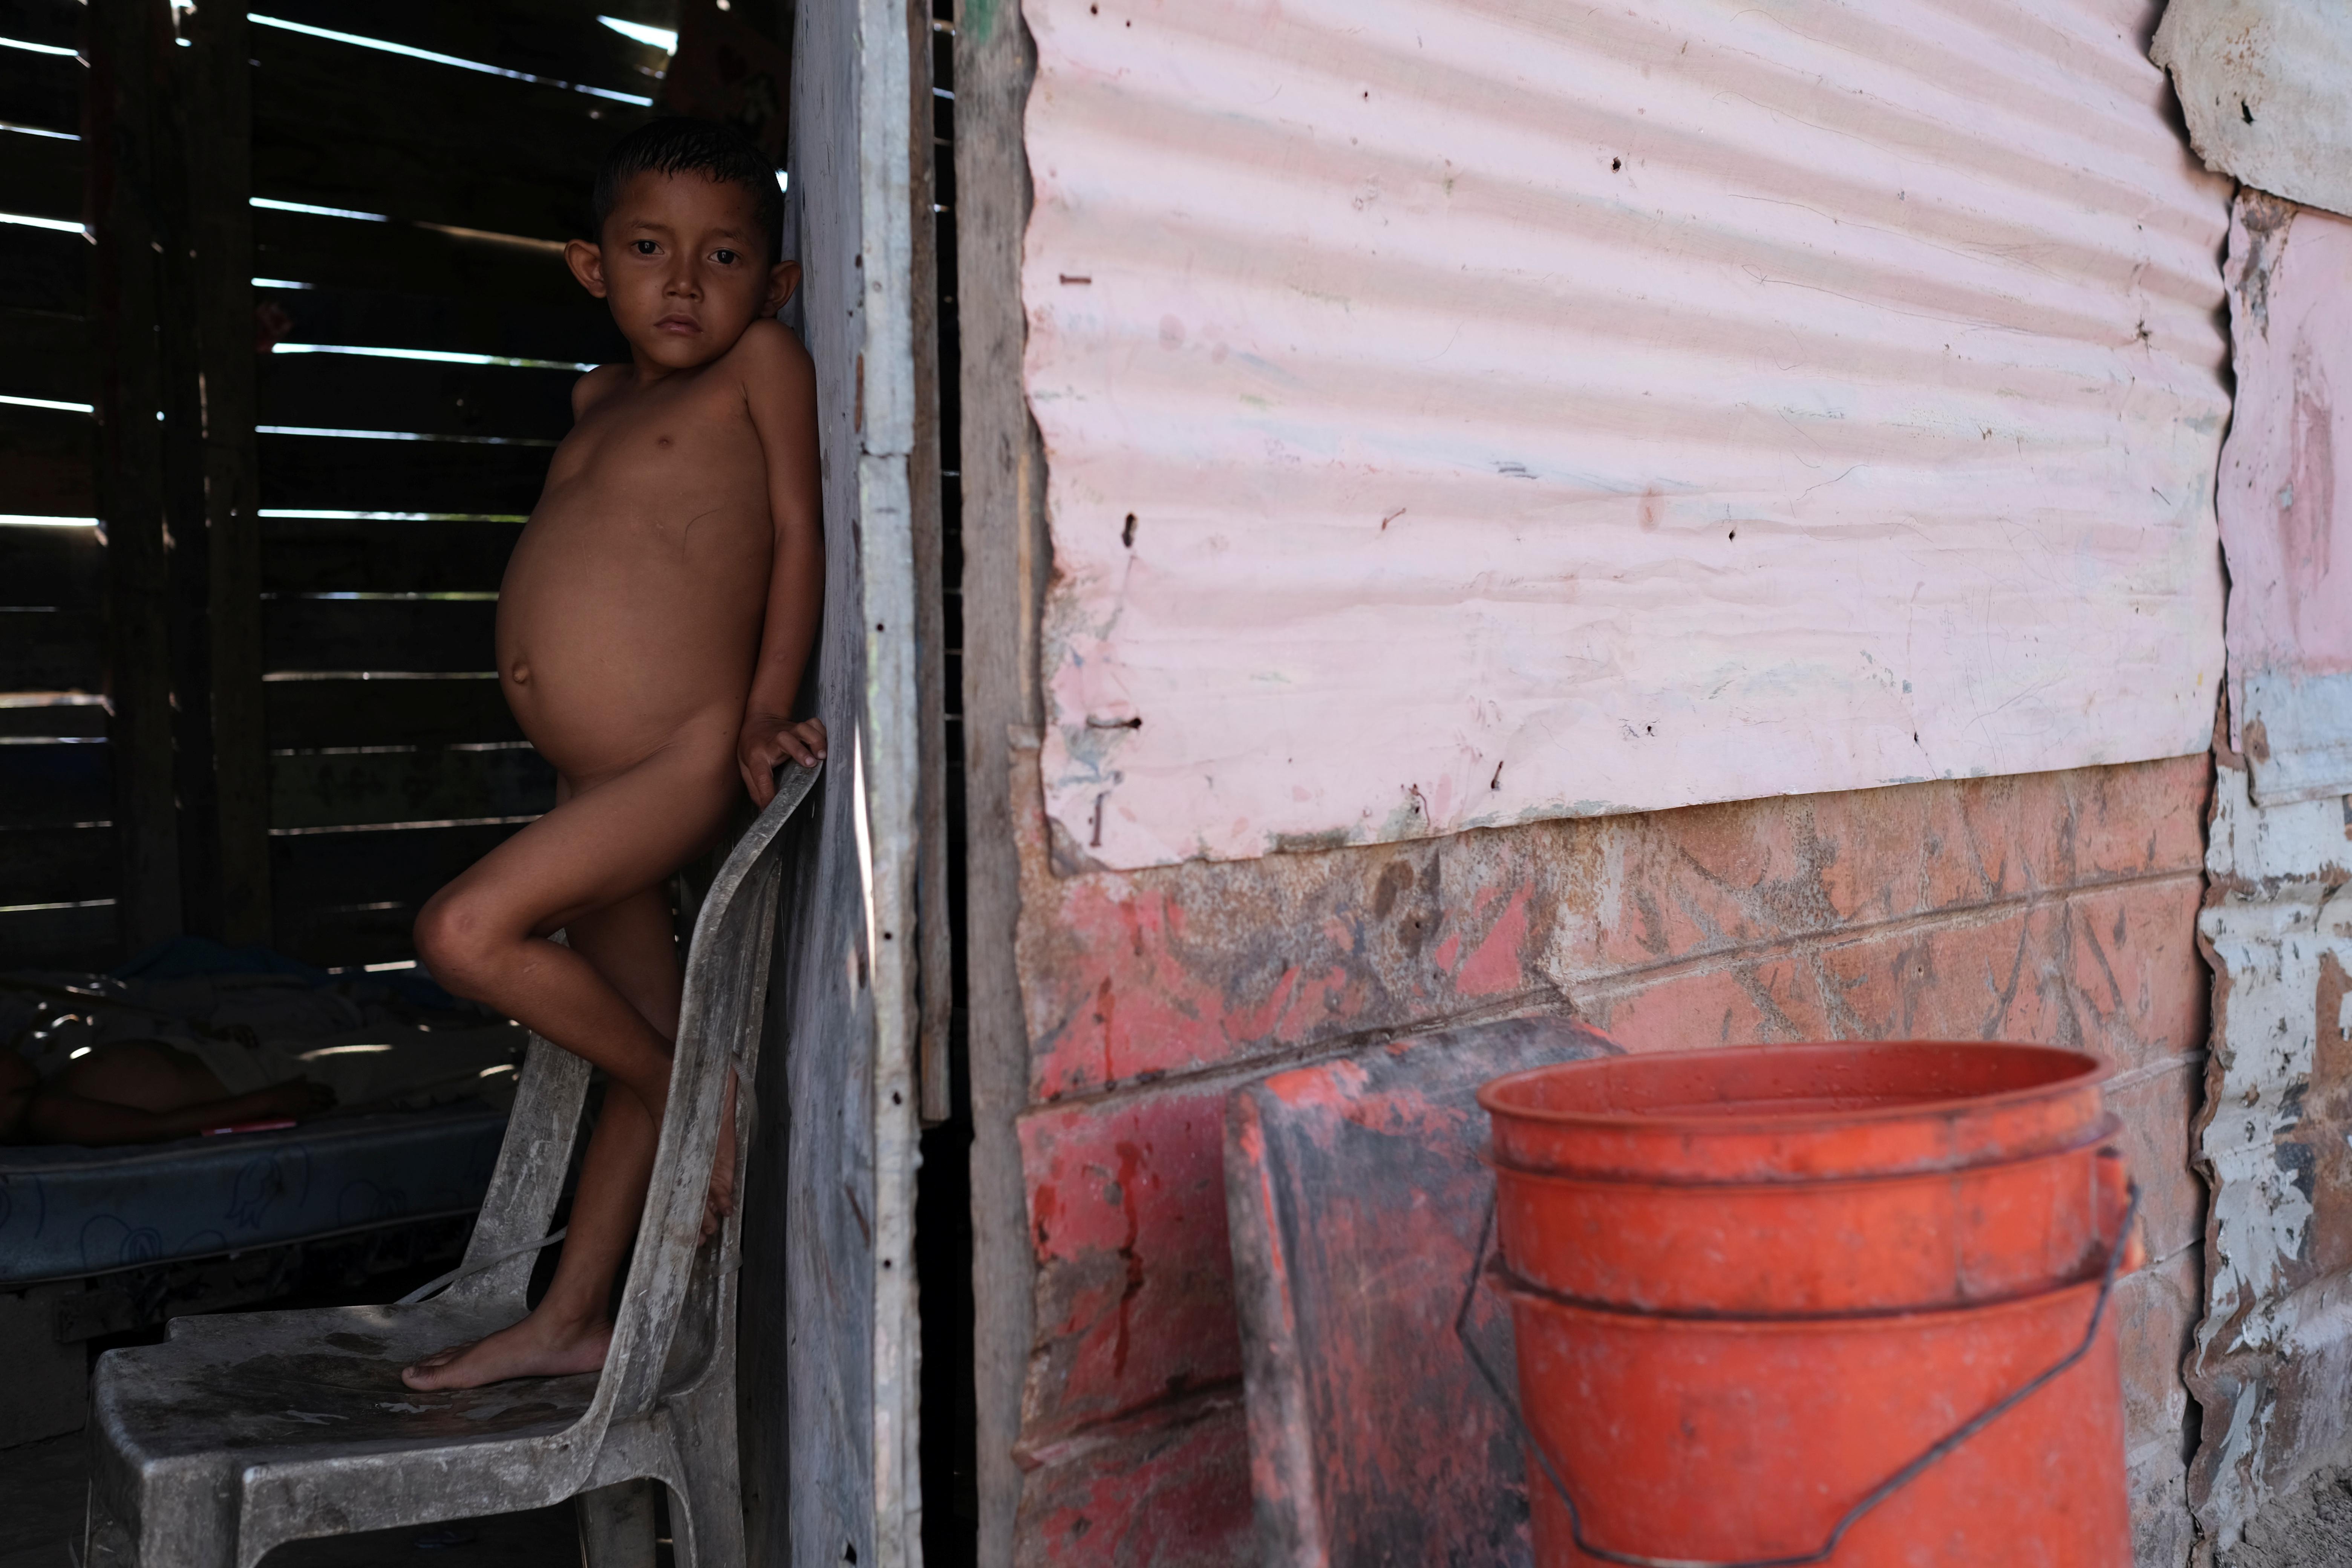 Jose María, de 6 años, mira a la cámara. Sufre de desnutrición (REUTERS/Carlos García Rawlins)